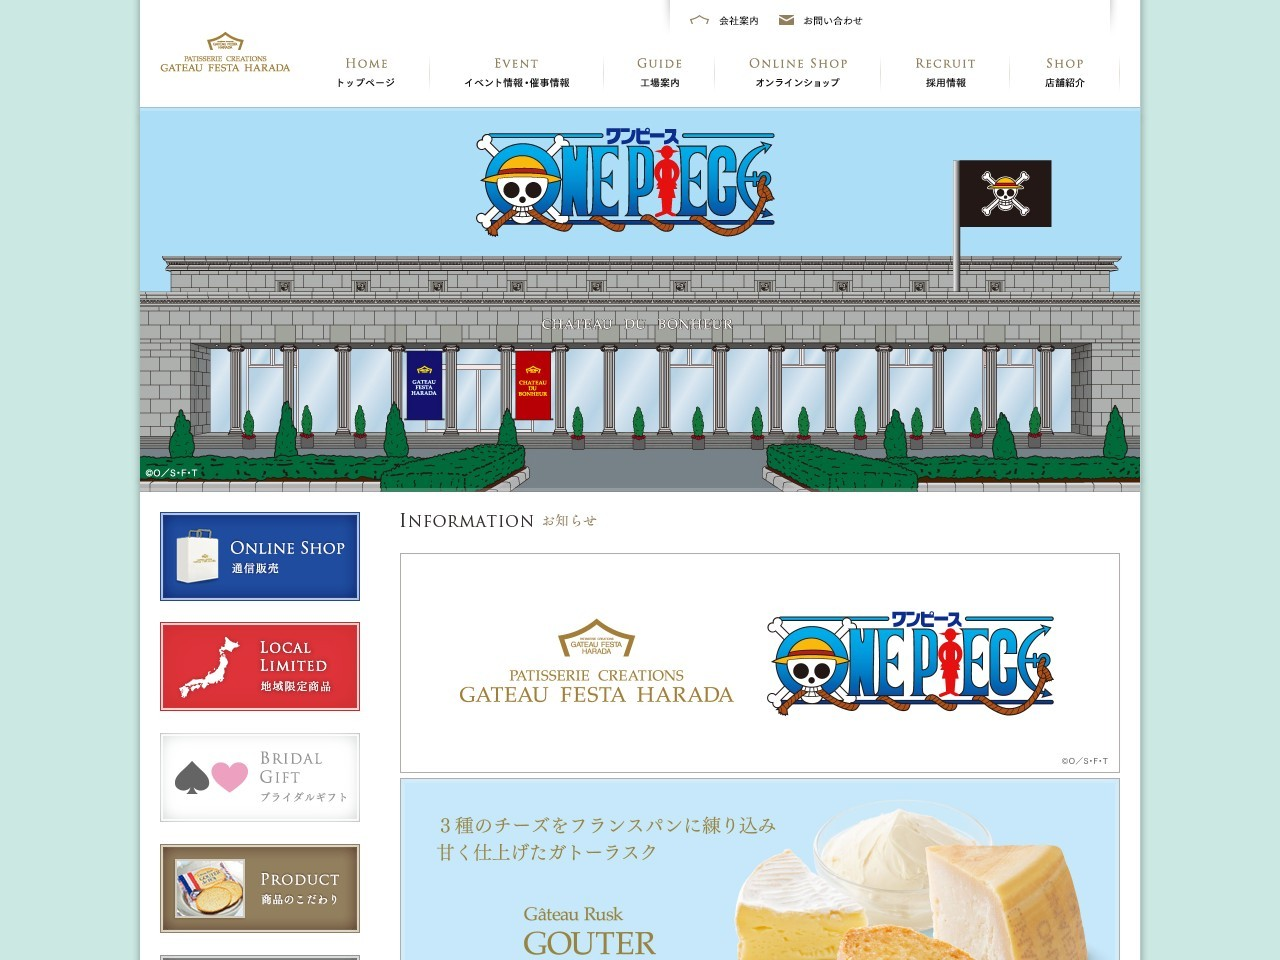 ガトーフェスタハラダ東武百貨店池袋店